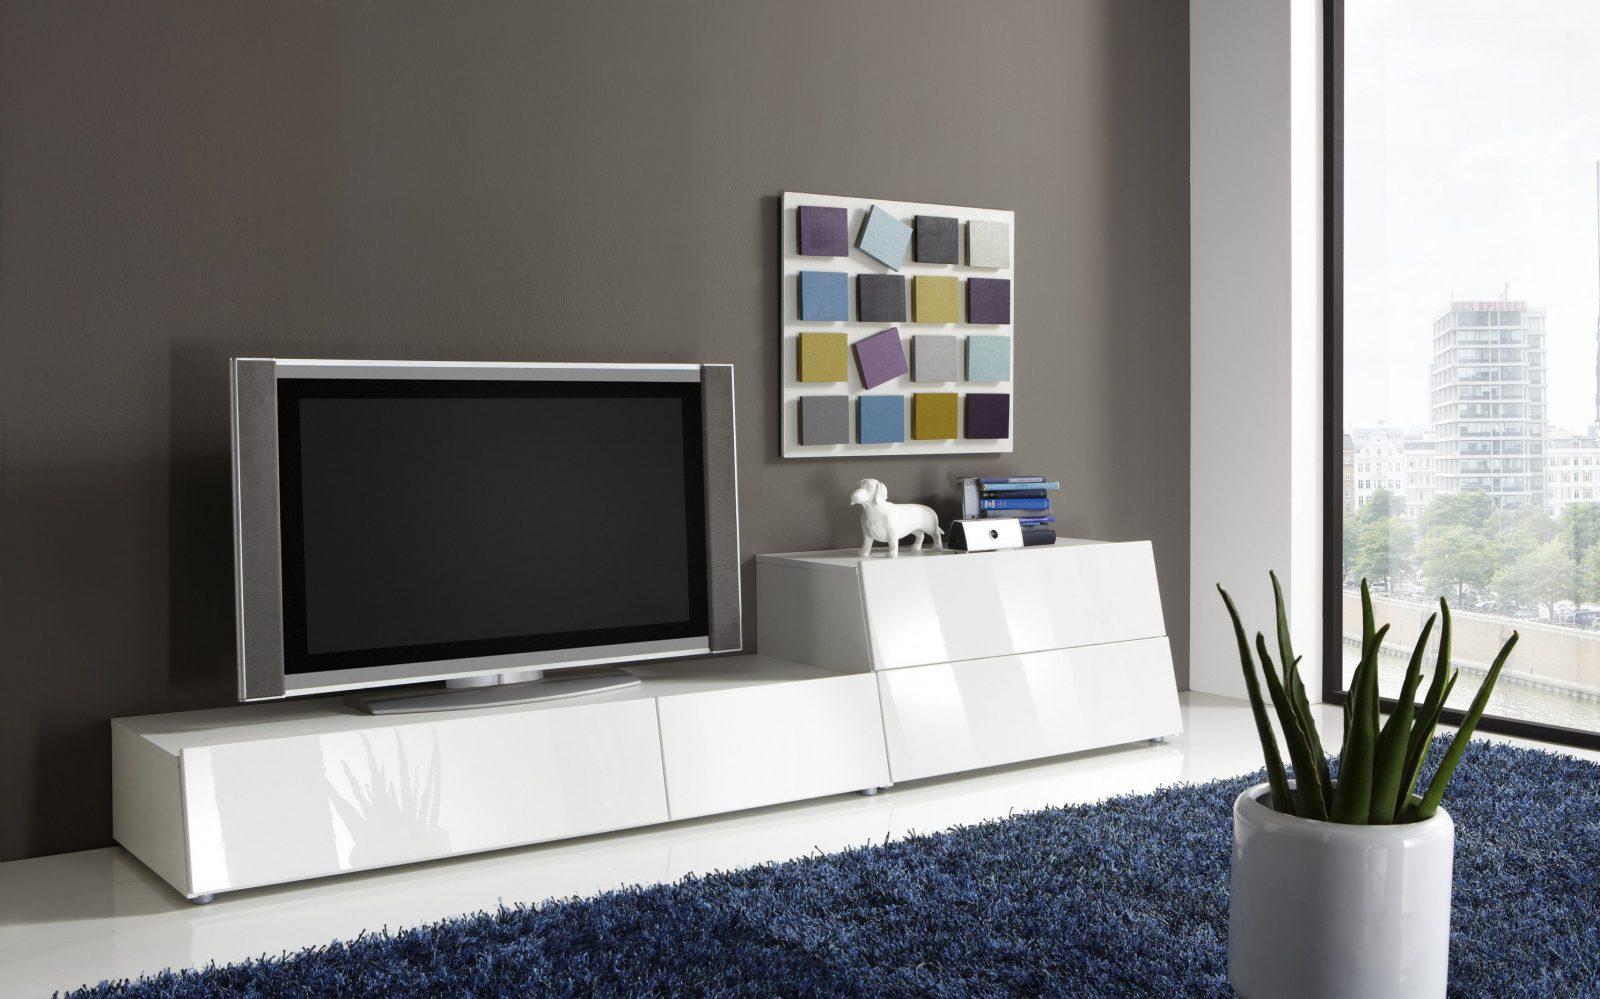 Wohnwand Weiß Hochglanz Ikea von Wohnwand Weiß Hochglanz Ikea Bild